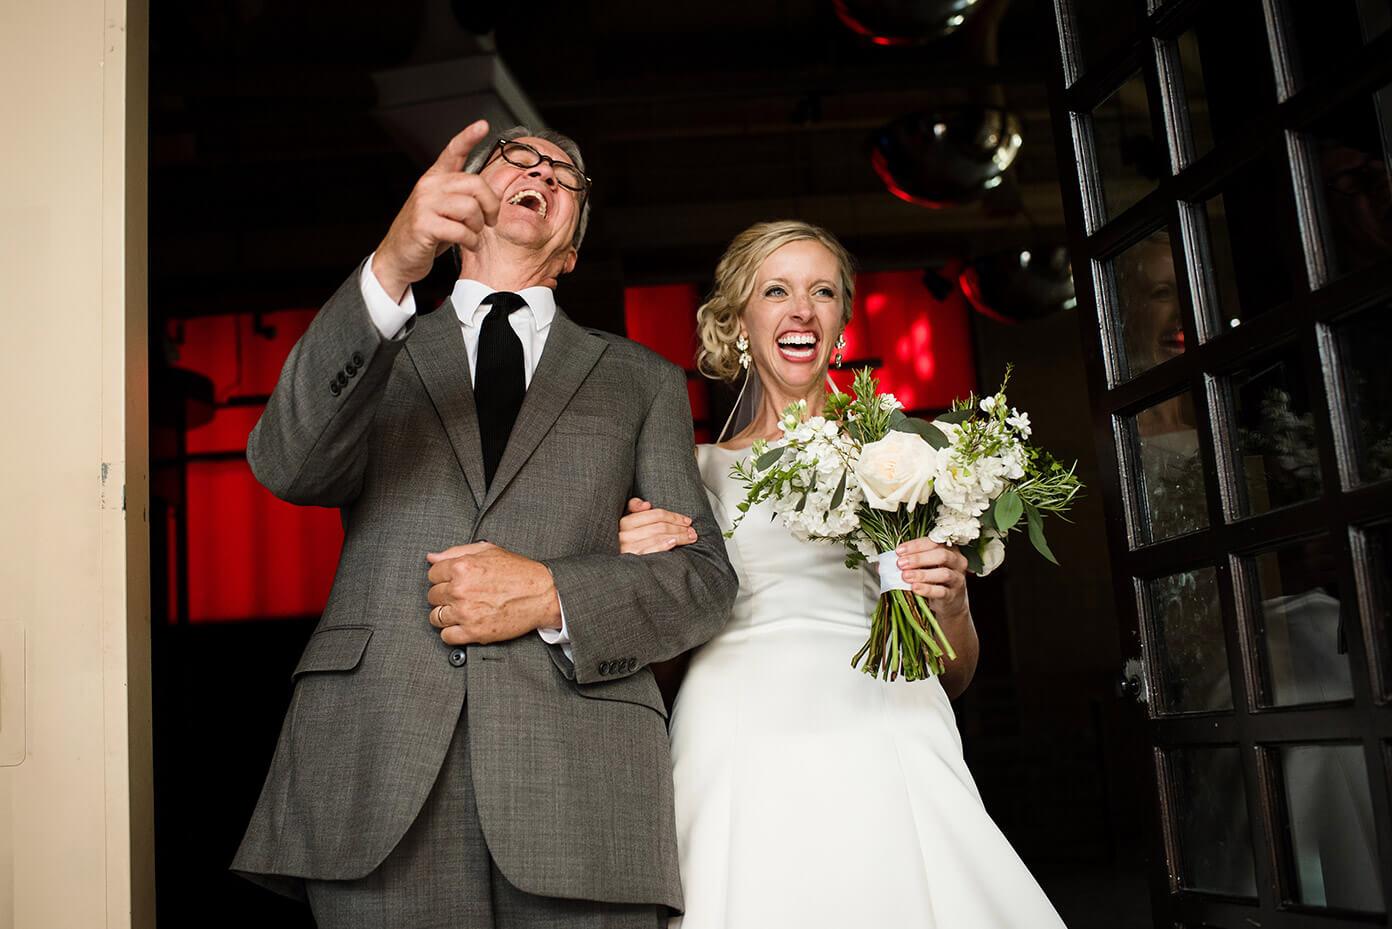 Our Wedding Ceremony   gimmesomeoven.com